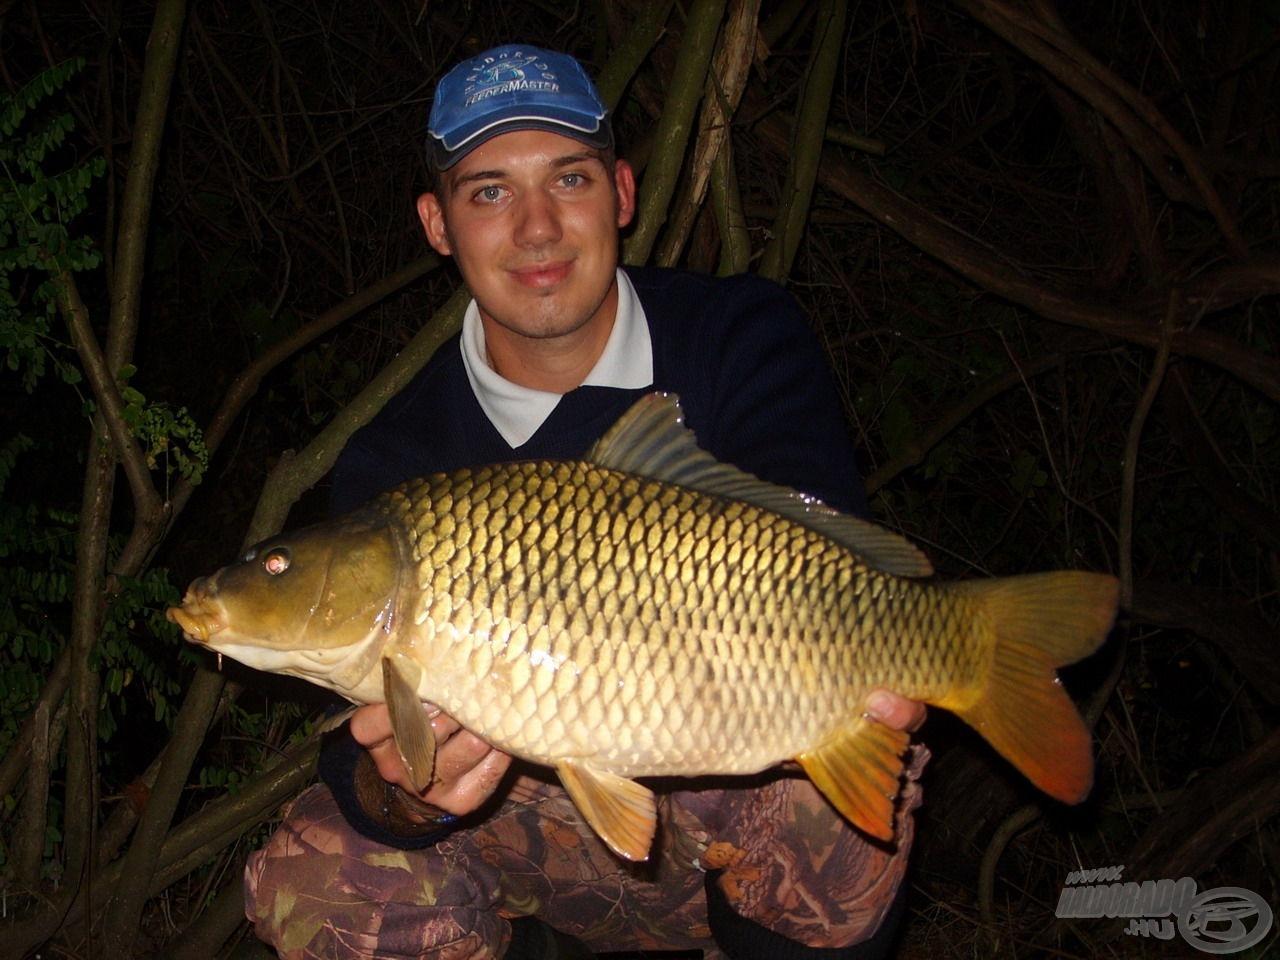 Gyönyörű vadvízi tőponty, mely a rövidke túra legnagyobb hala lett, s egyben eddigi legnagyobb kifogott halam a Tisza-tóból